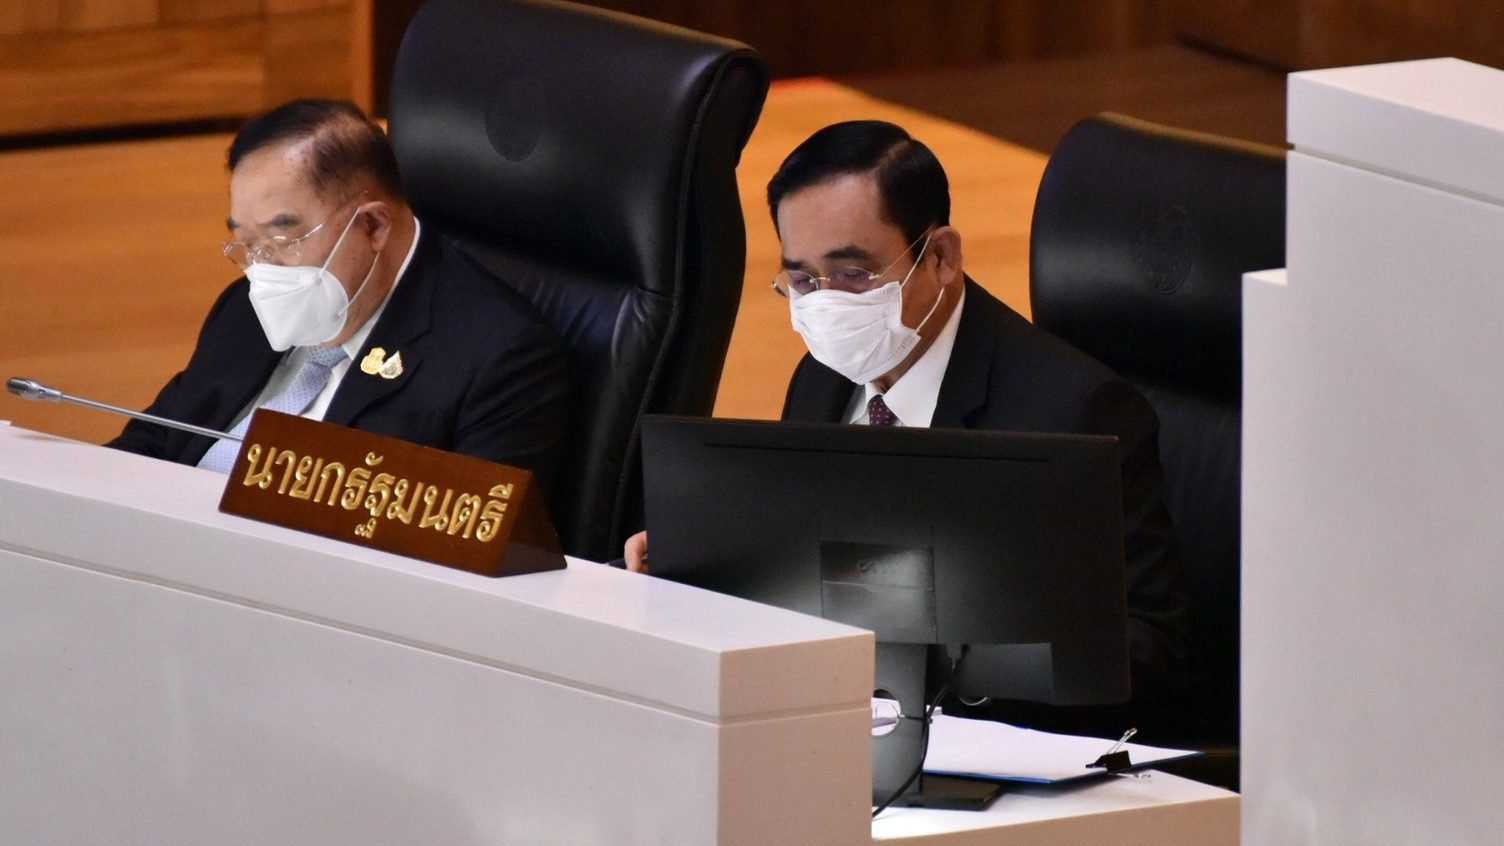 เปิดประเด็นอภิปรายไม่ไว้วางใจ นายกรัฐมนตรี และ 5 รัฐมนตรี